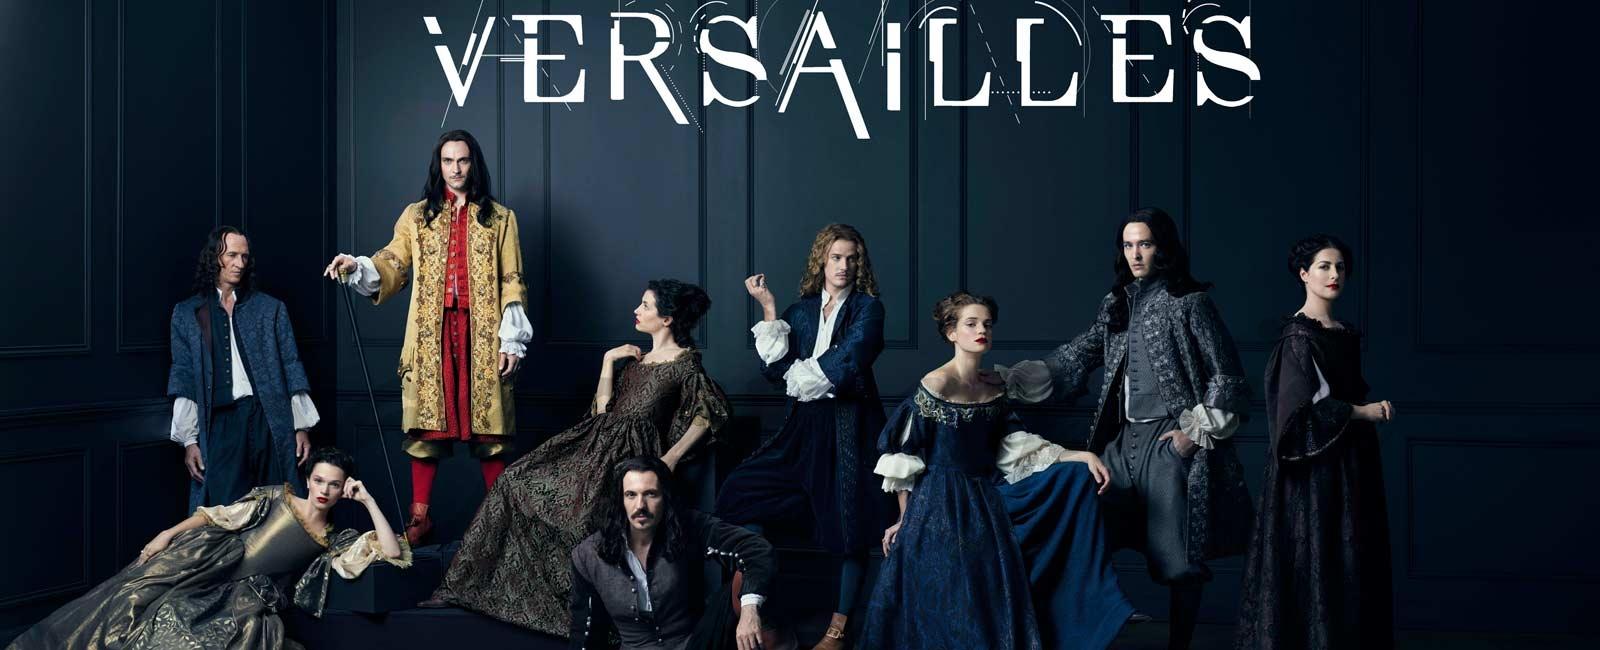 Versalles como símbolo y metáfora del poder